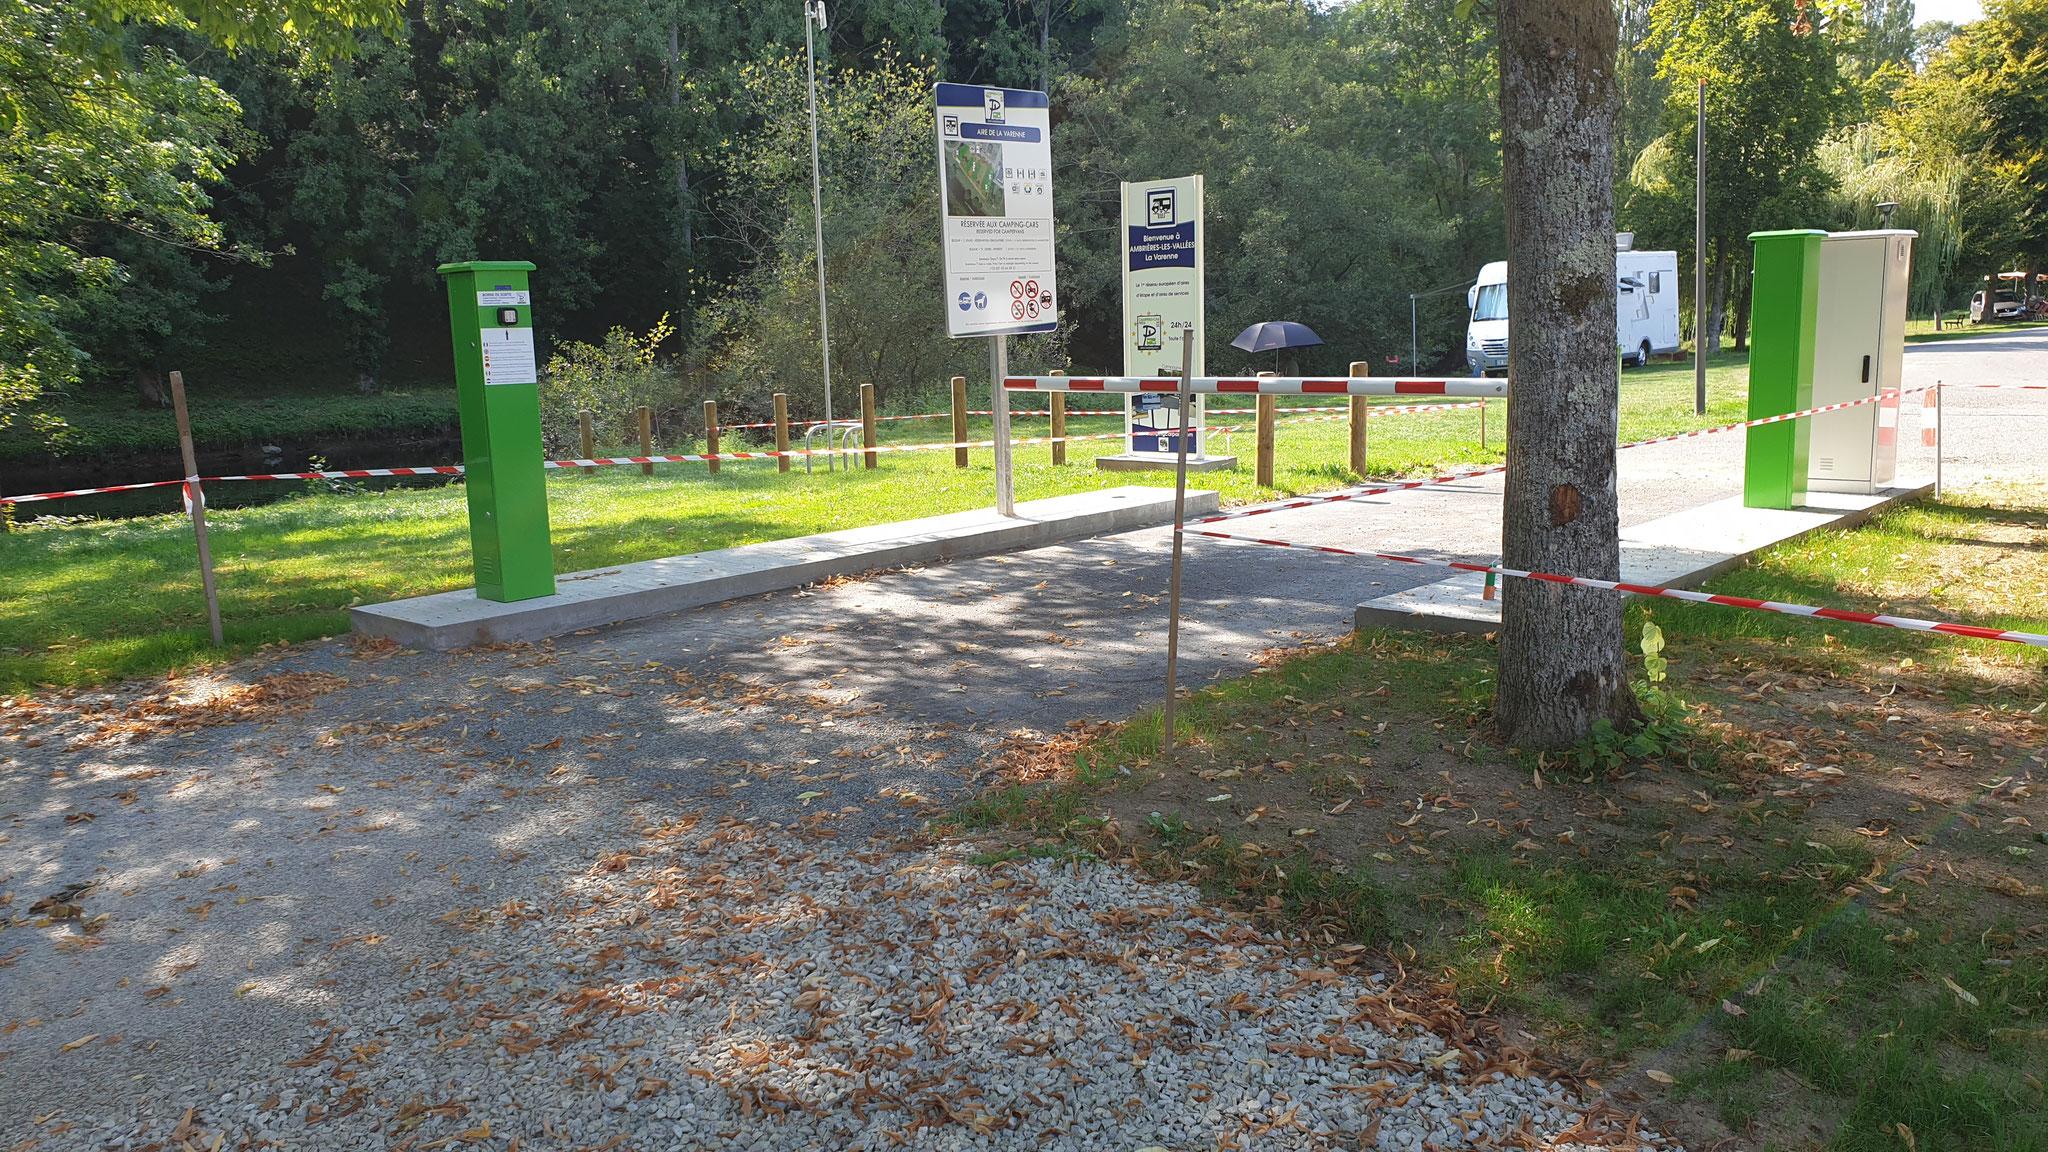 Aire Camping Car Park mit dem Mitglieder-Schrankensystem